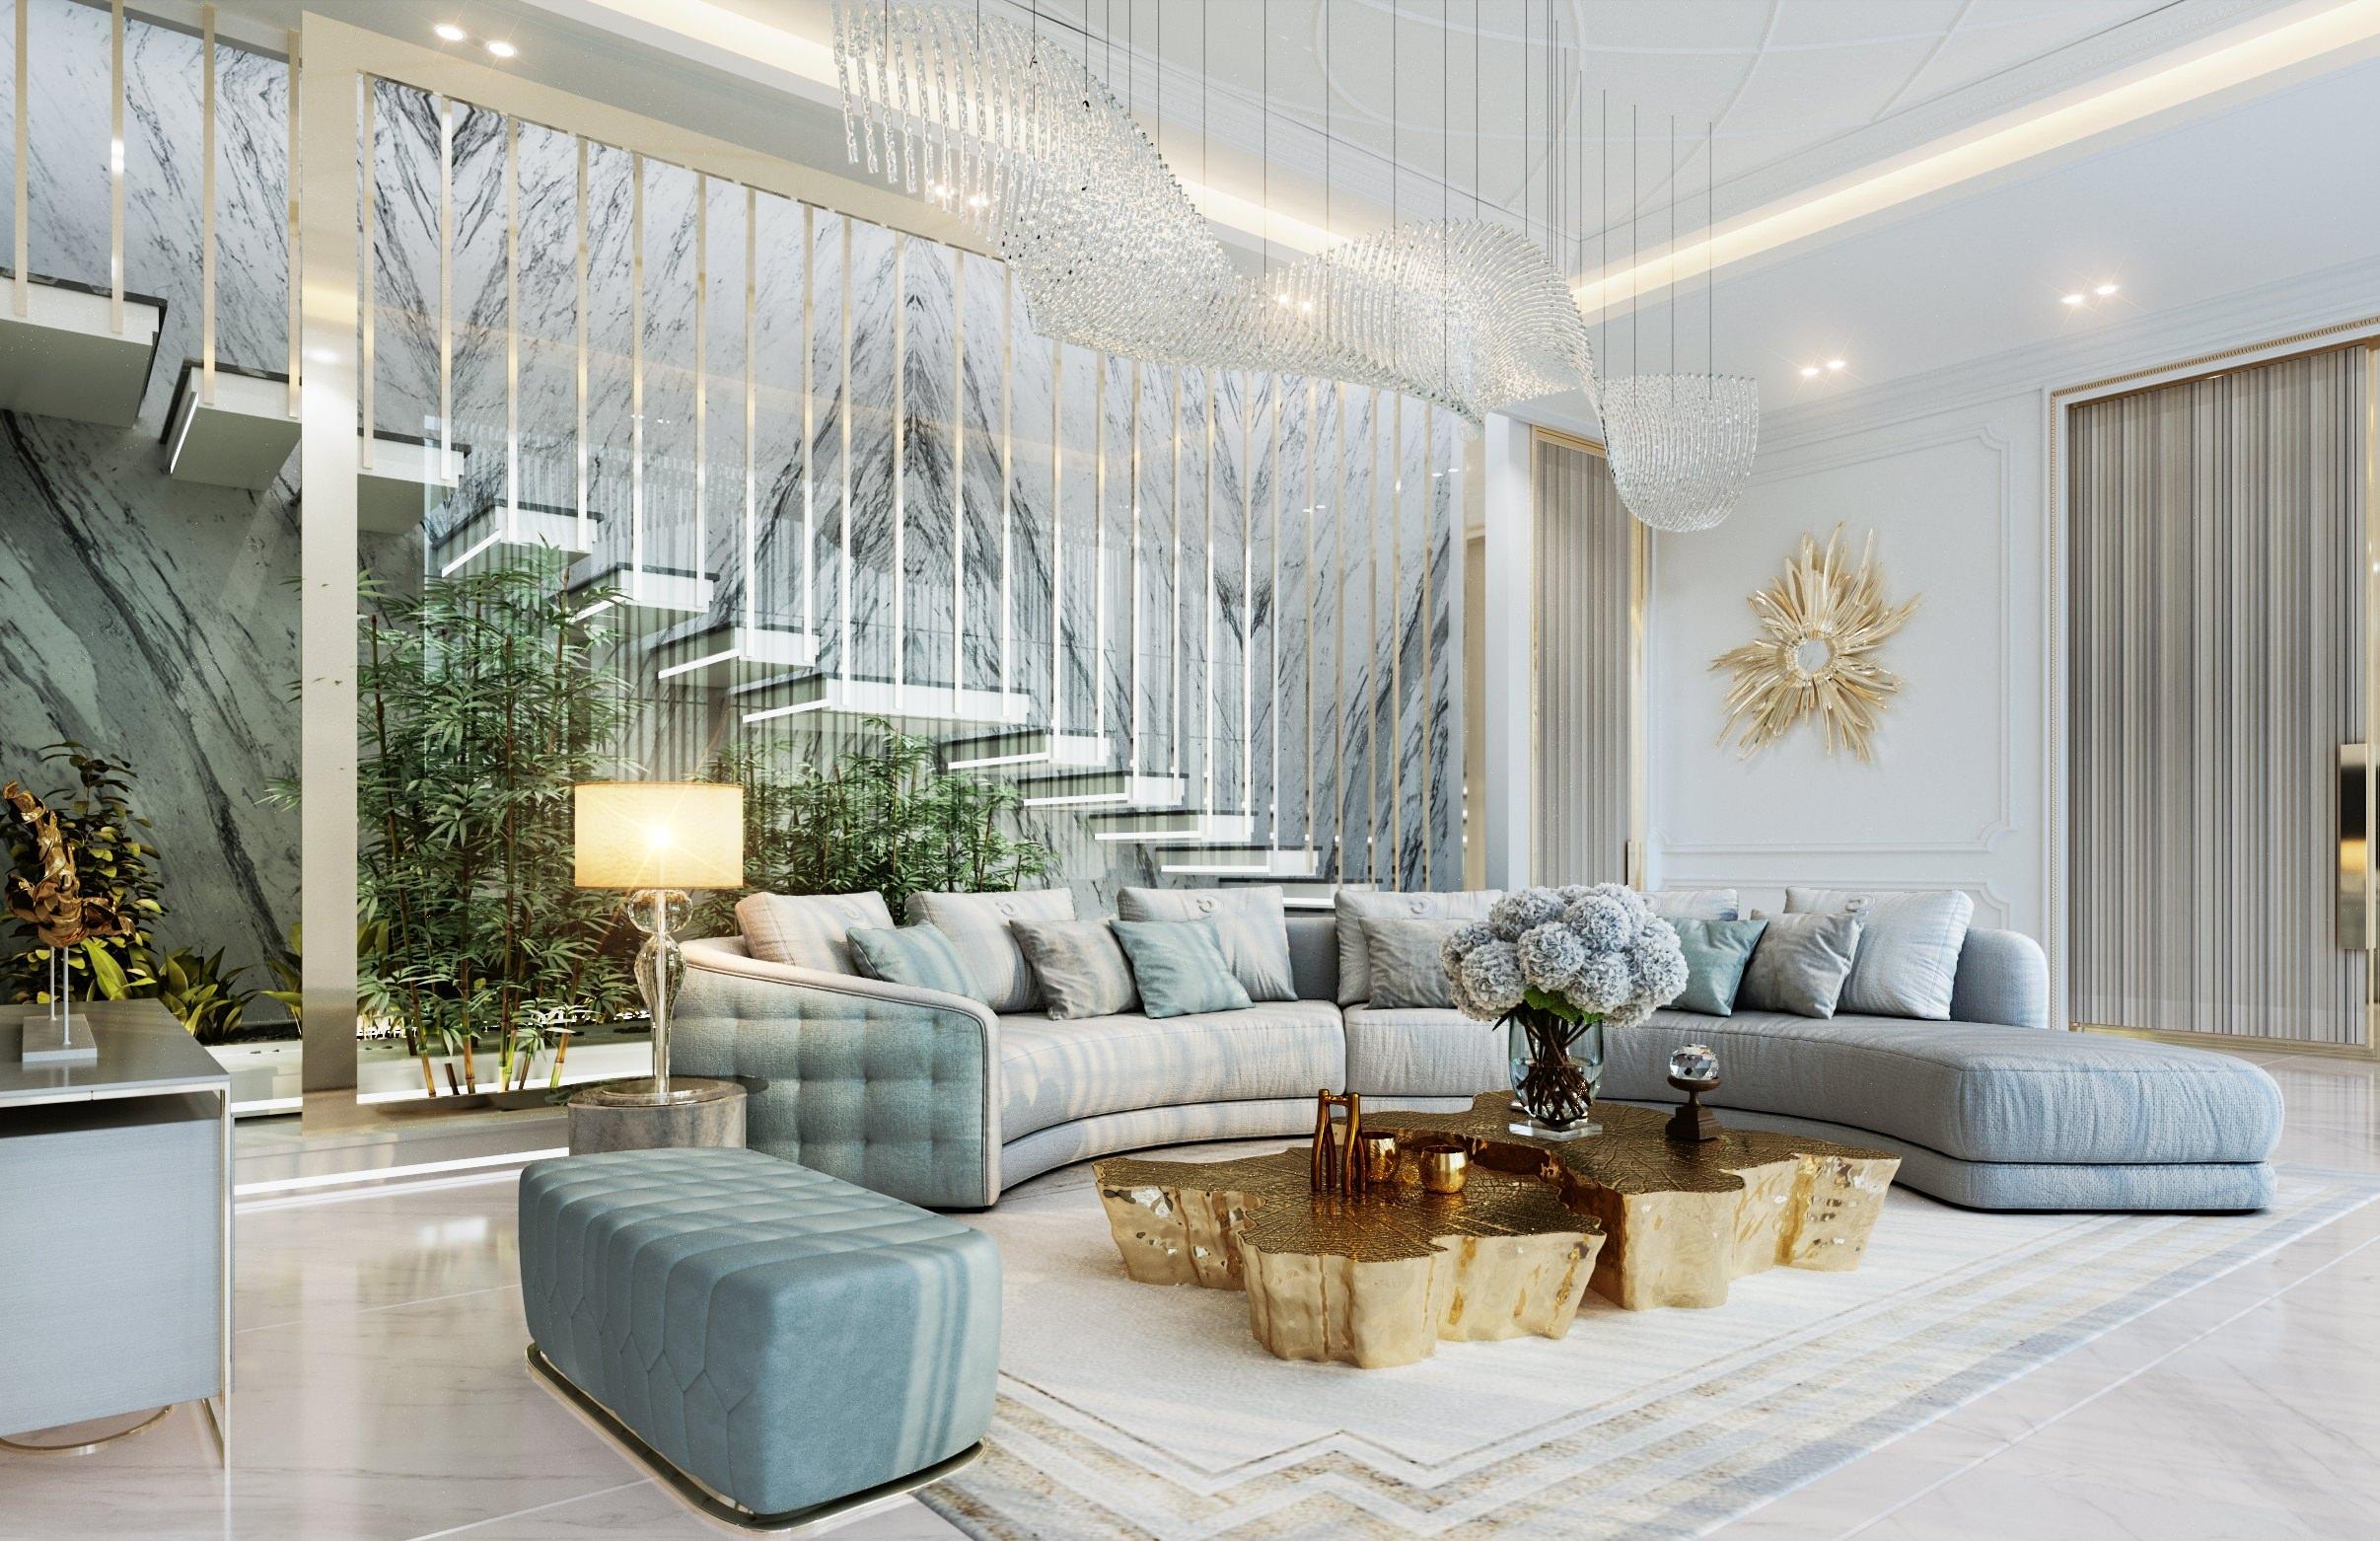 top interior designers from dubai Top Interior Designers From Dubai – Part II Dubai Mouhajer